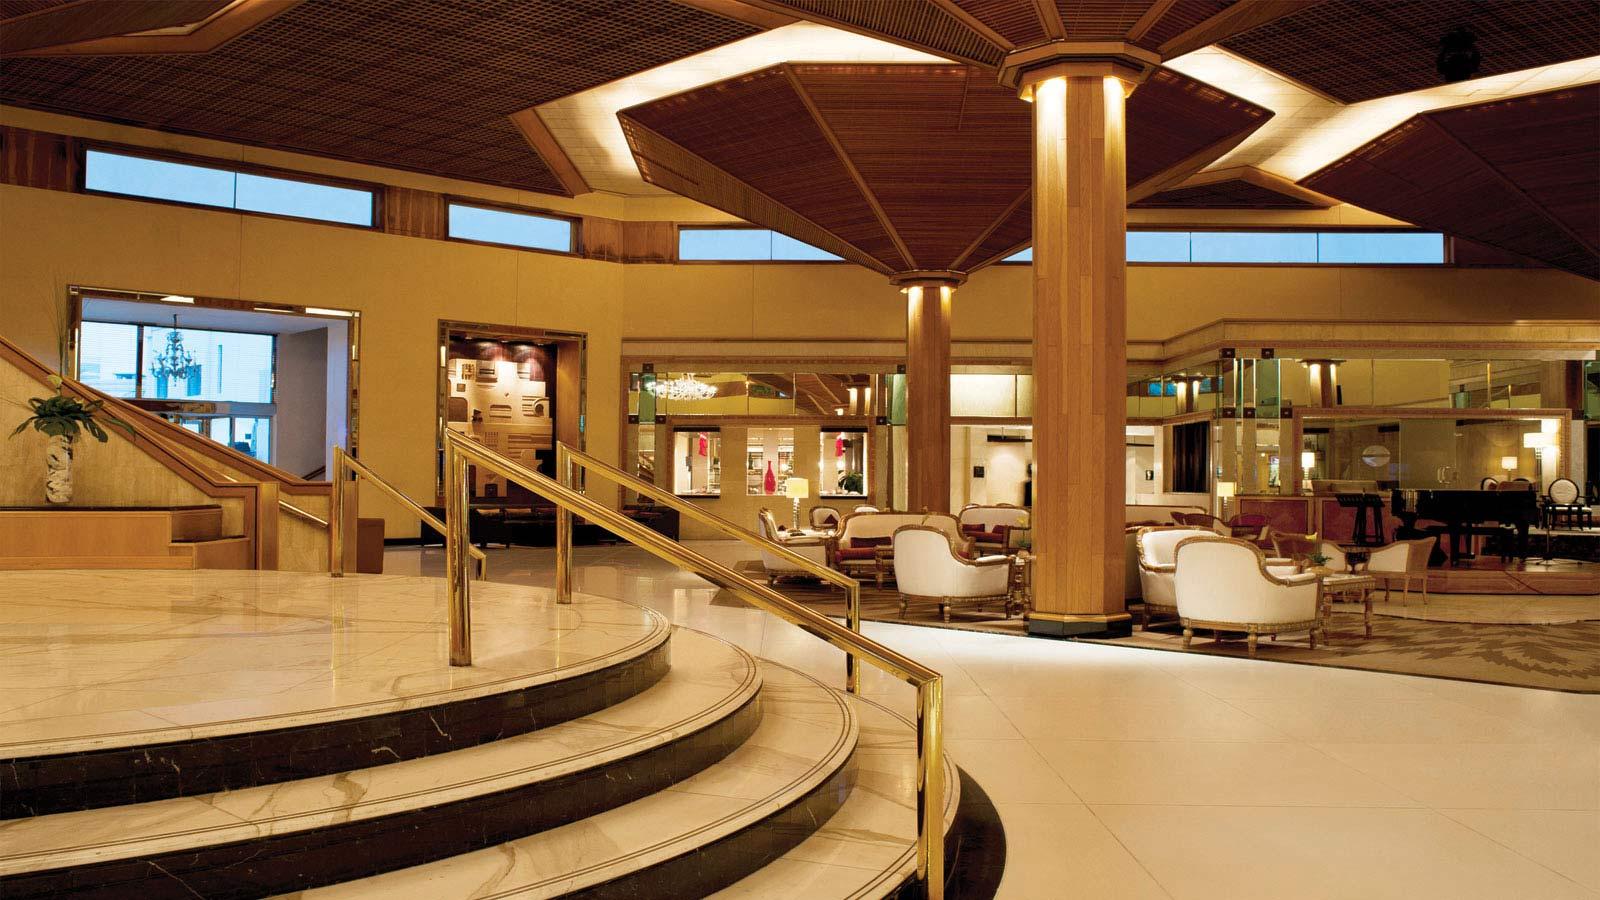 Le Mridien Dubai Hotel Conference Centre Outlet Promolover Meriden Description